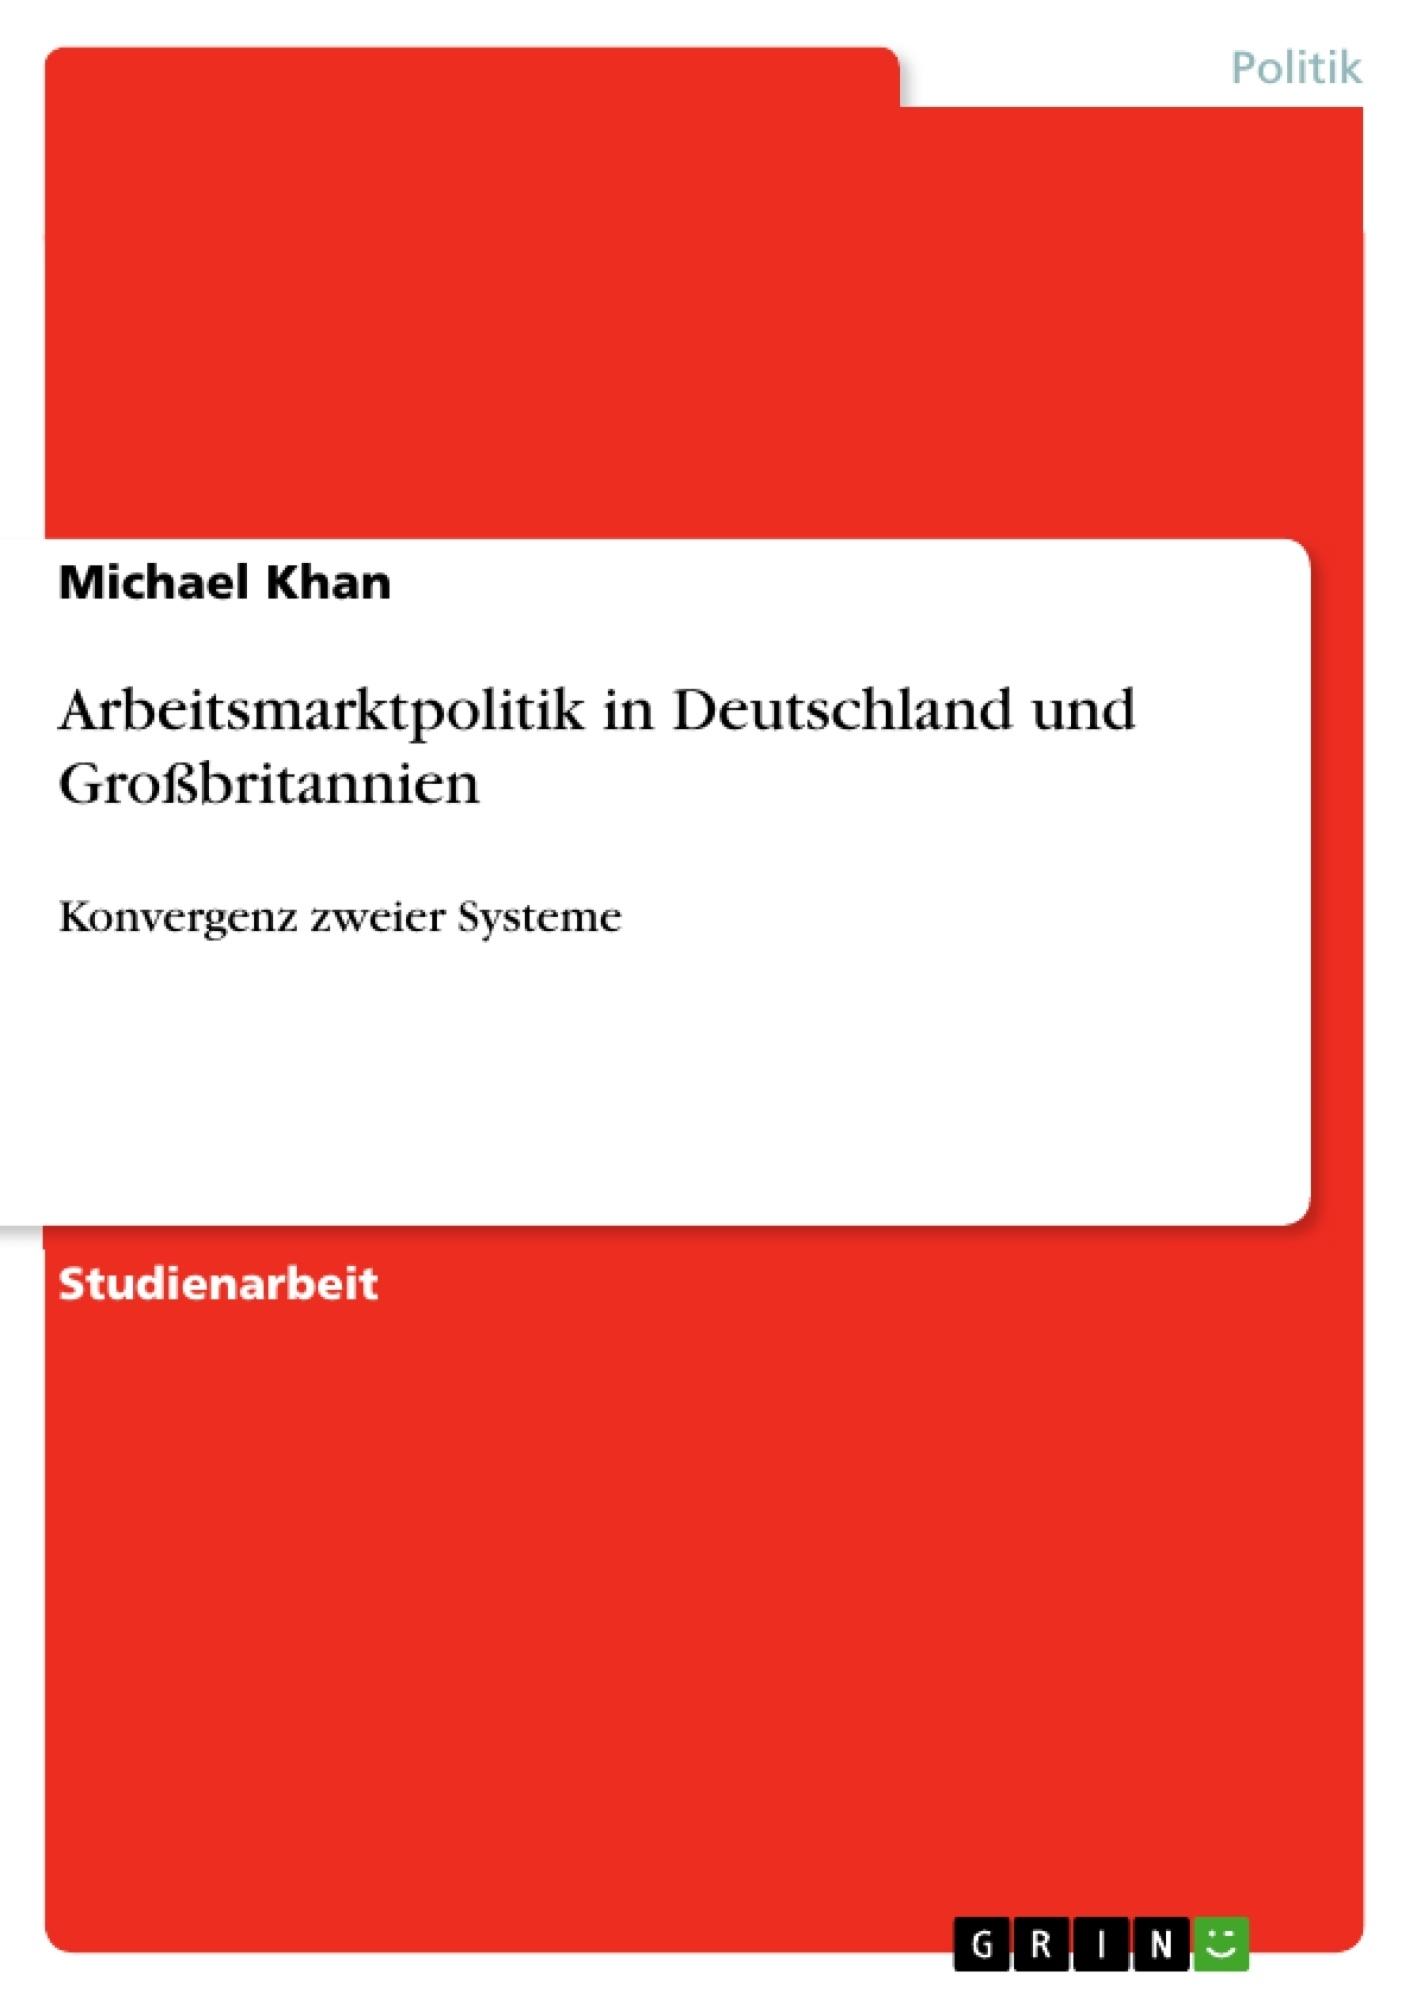 Titel: Arbeitsmarktpolitik in Deutschland und Großbritannien